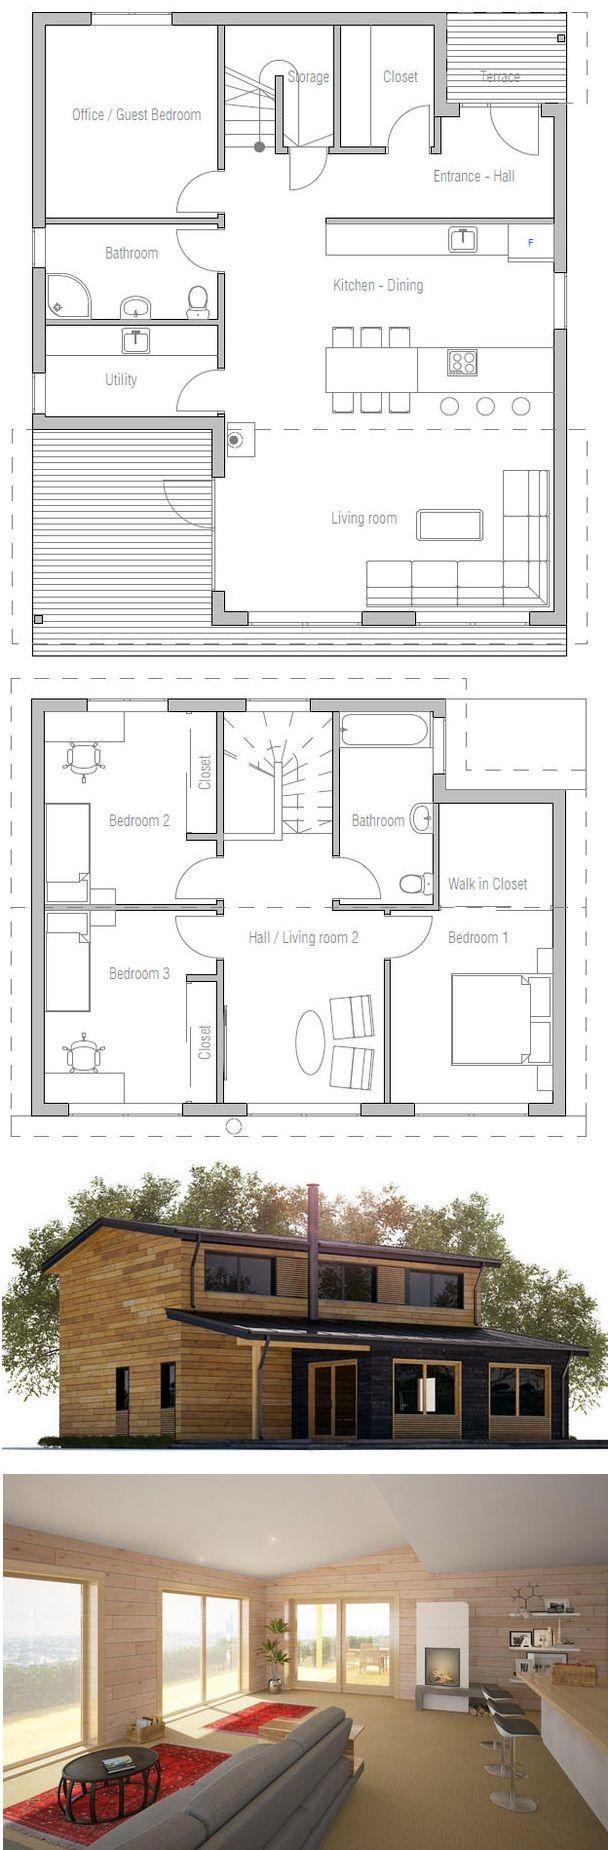 1000+ images about architektur errace, Vaulted ...